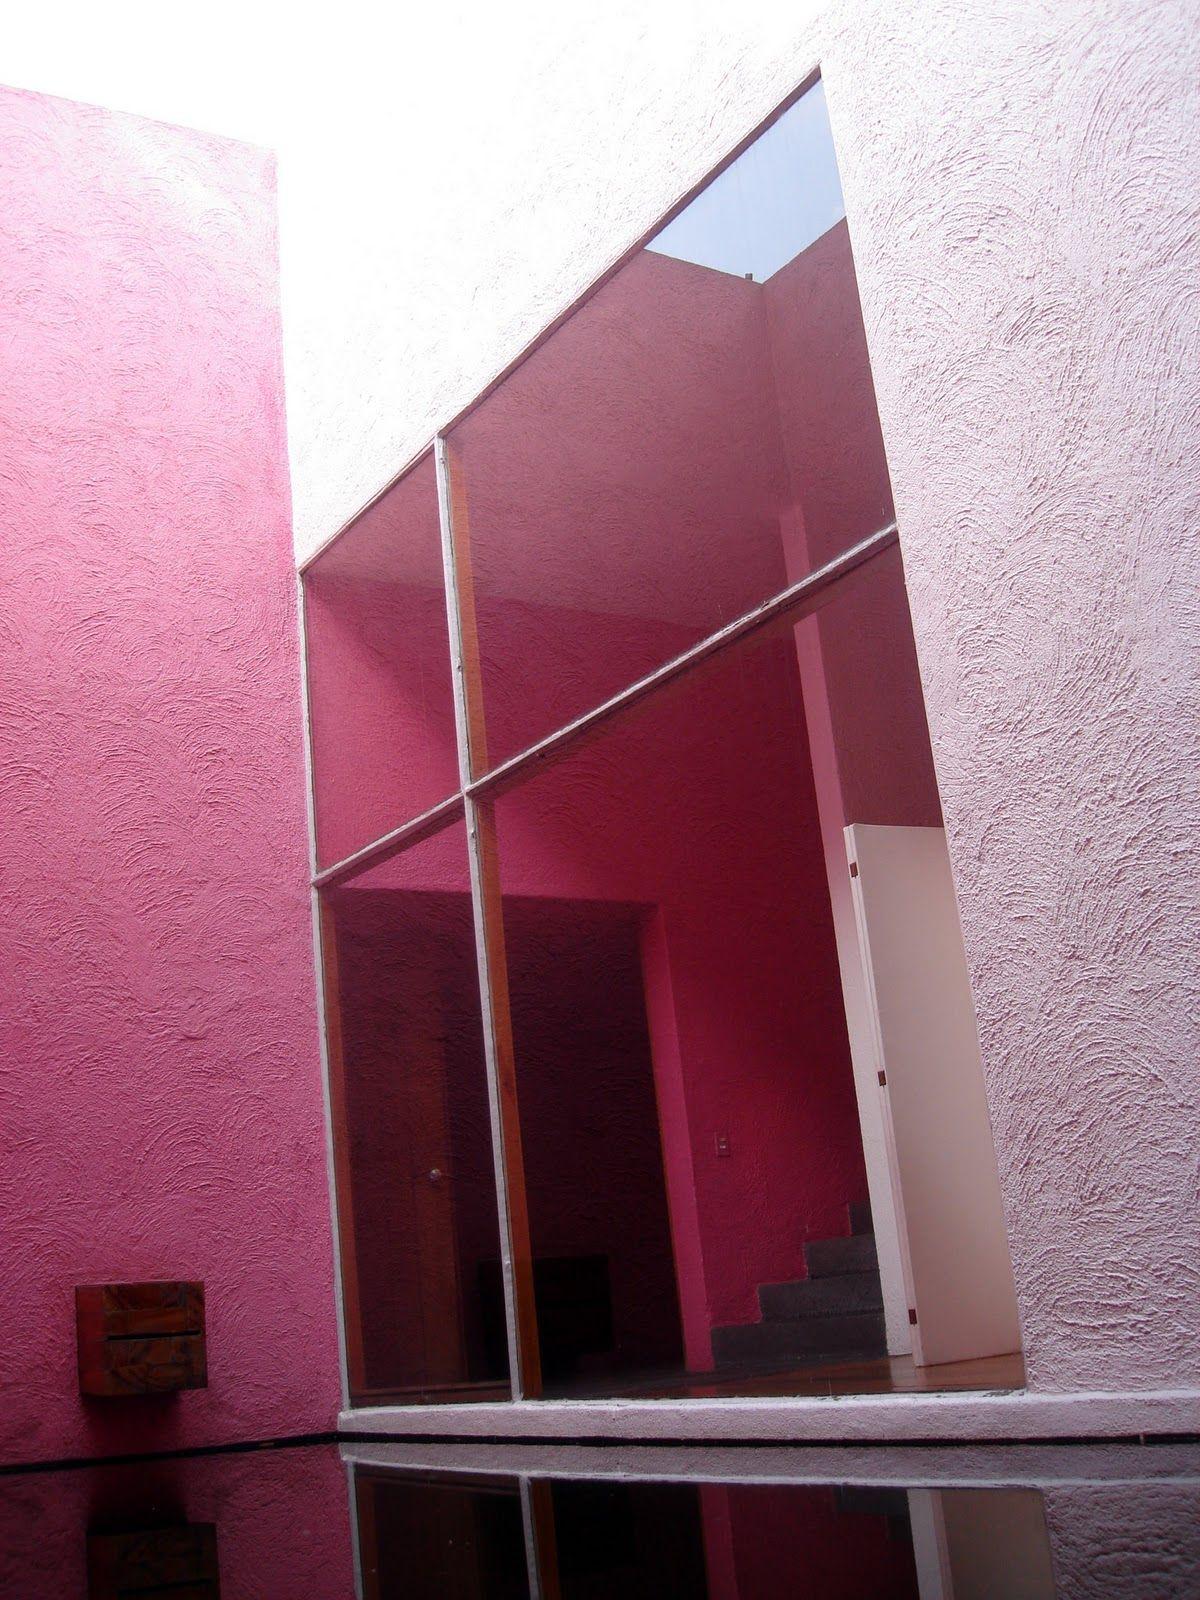 Luis barragan mexico city google search barragan for Idee casa minimalista